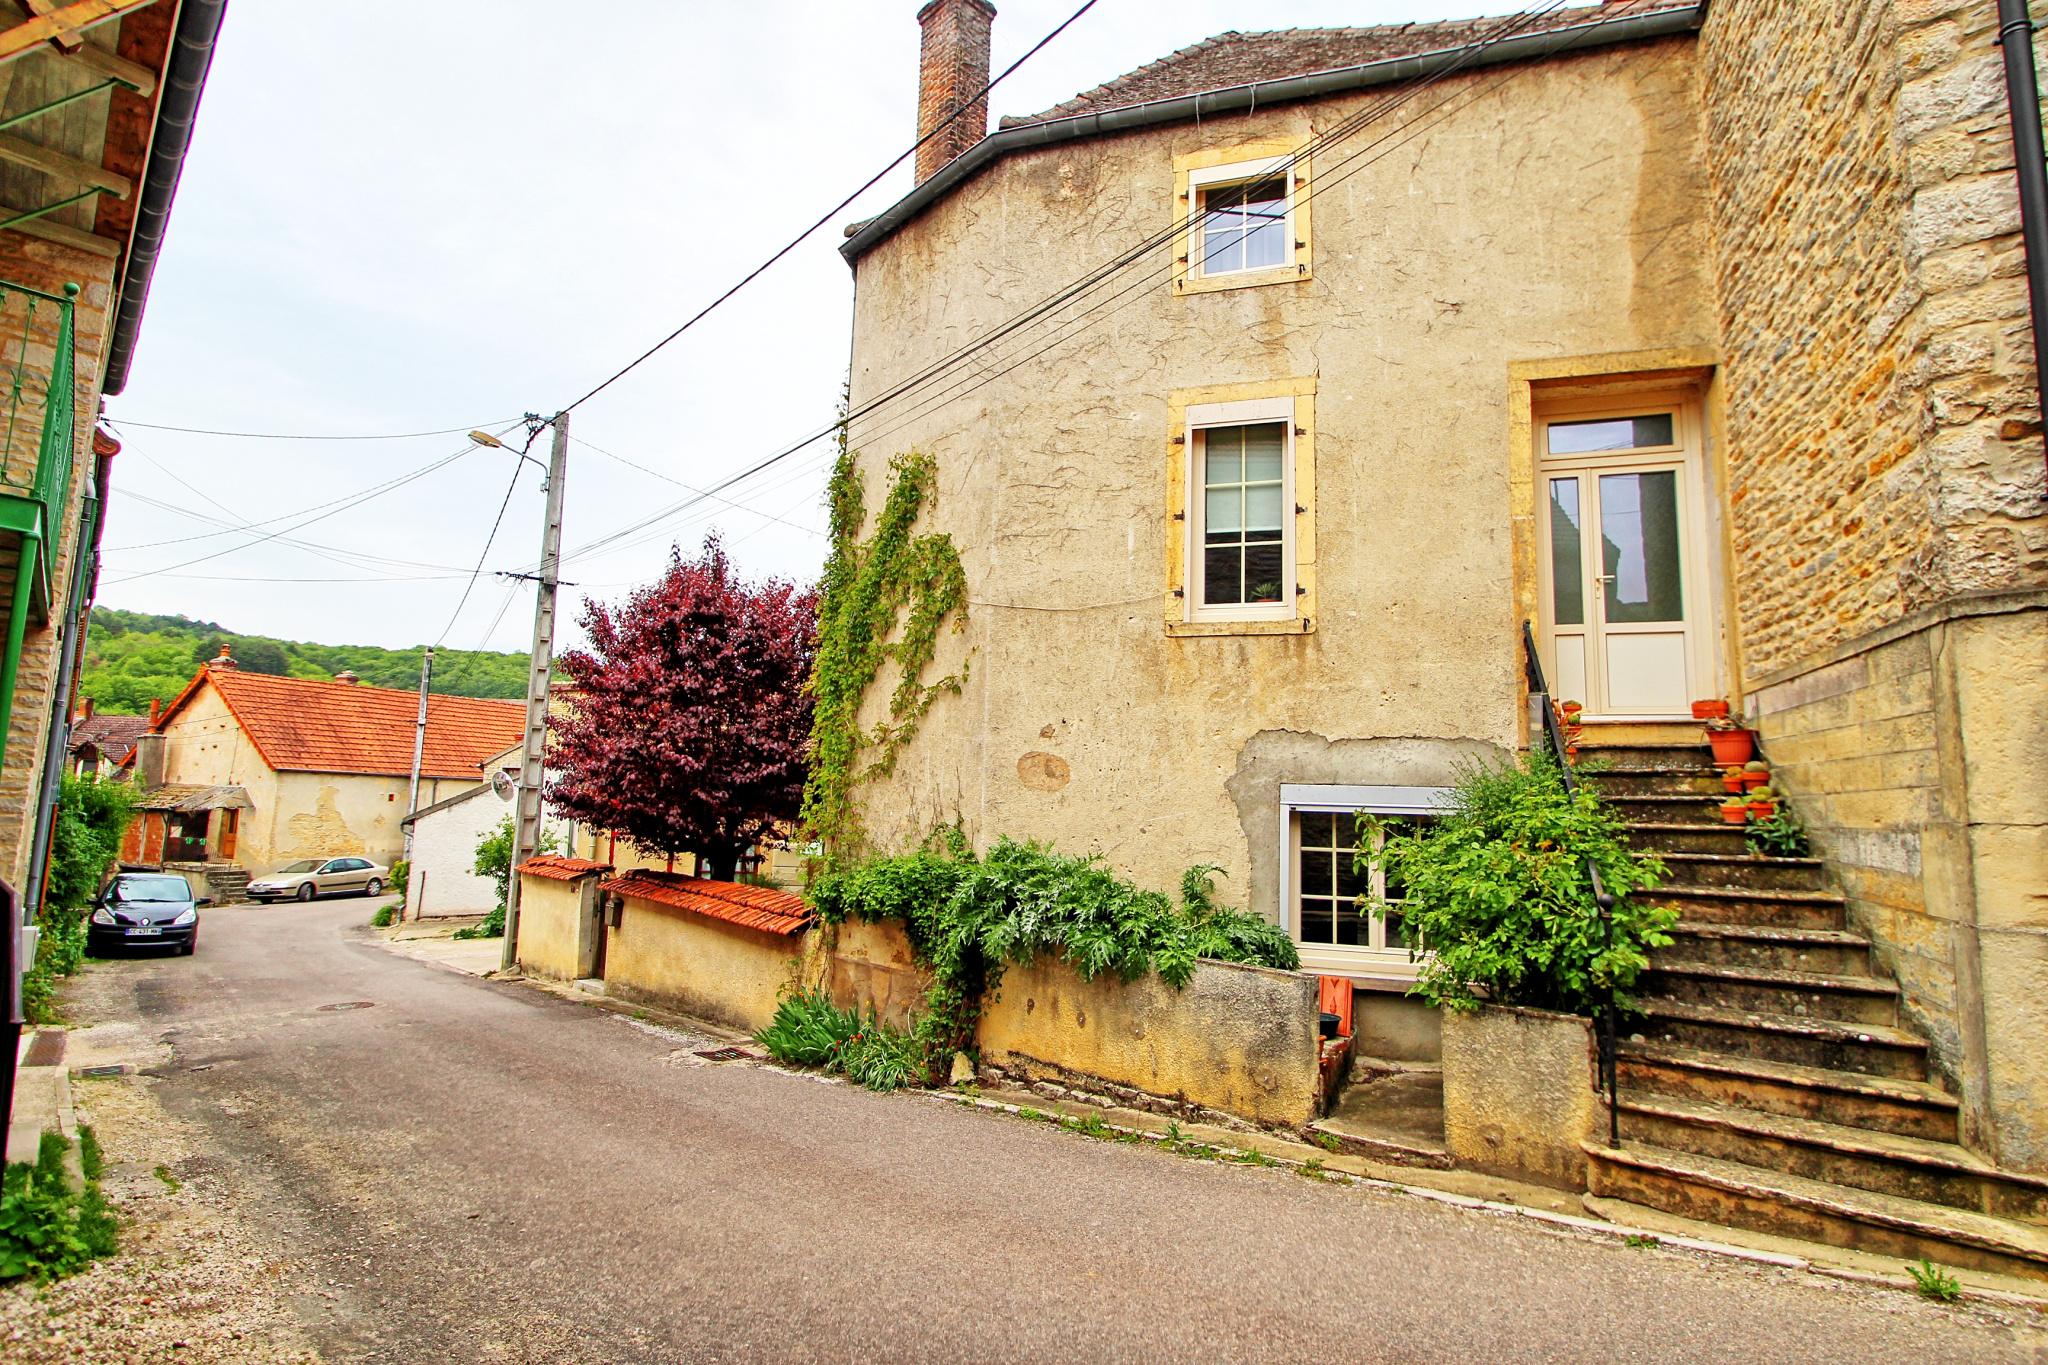 Vente maison/villa arcenant NUITS ST GEORGES